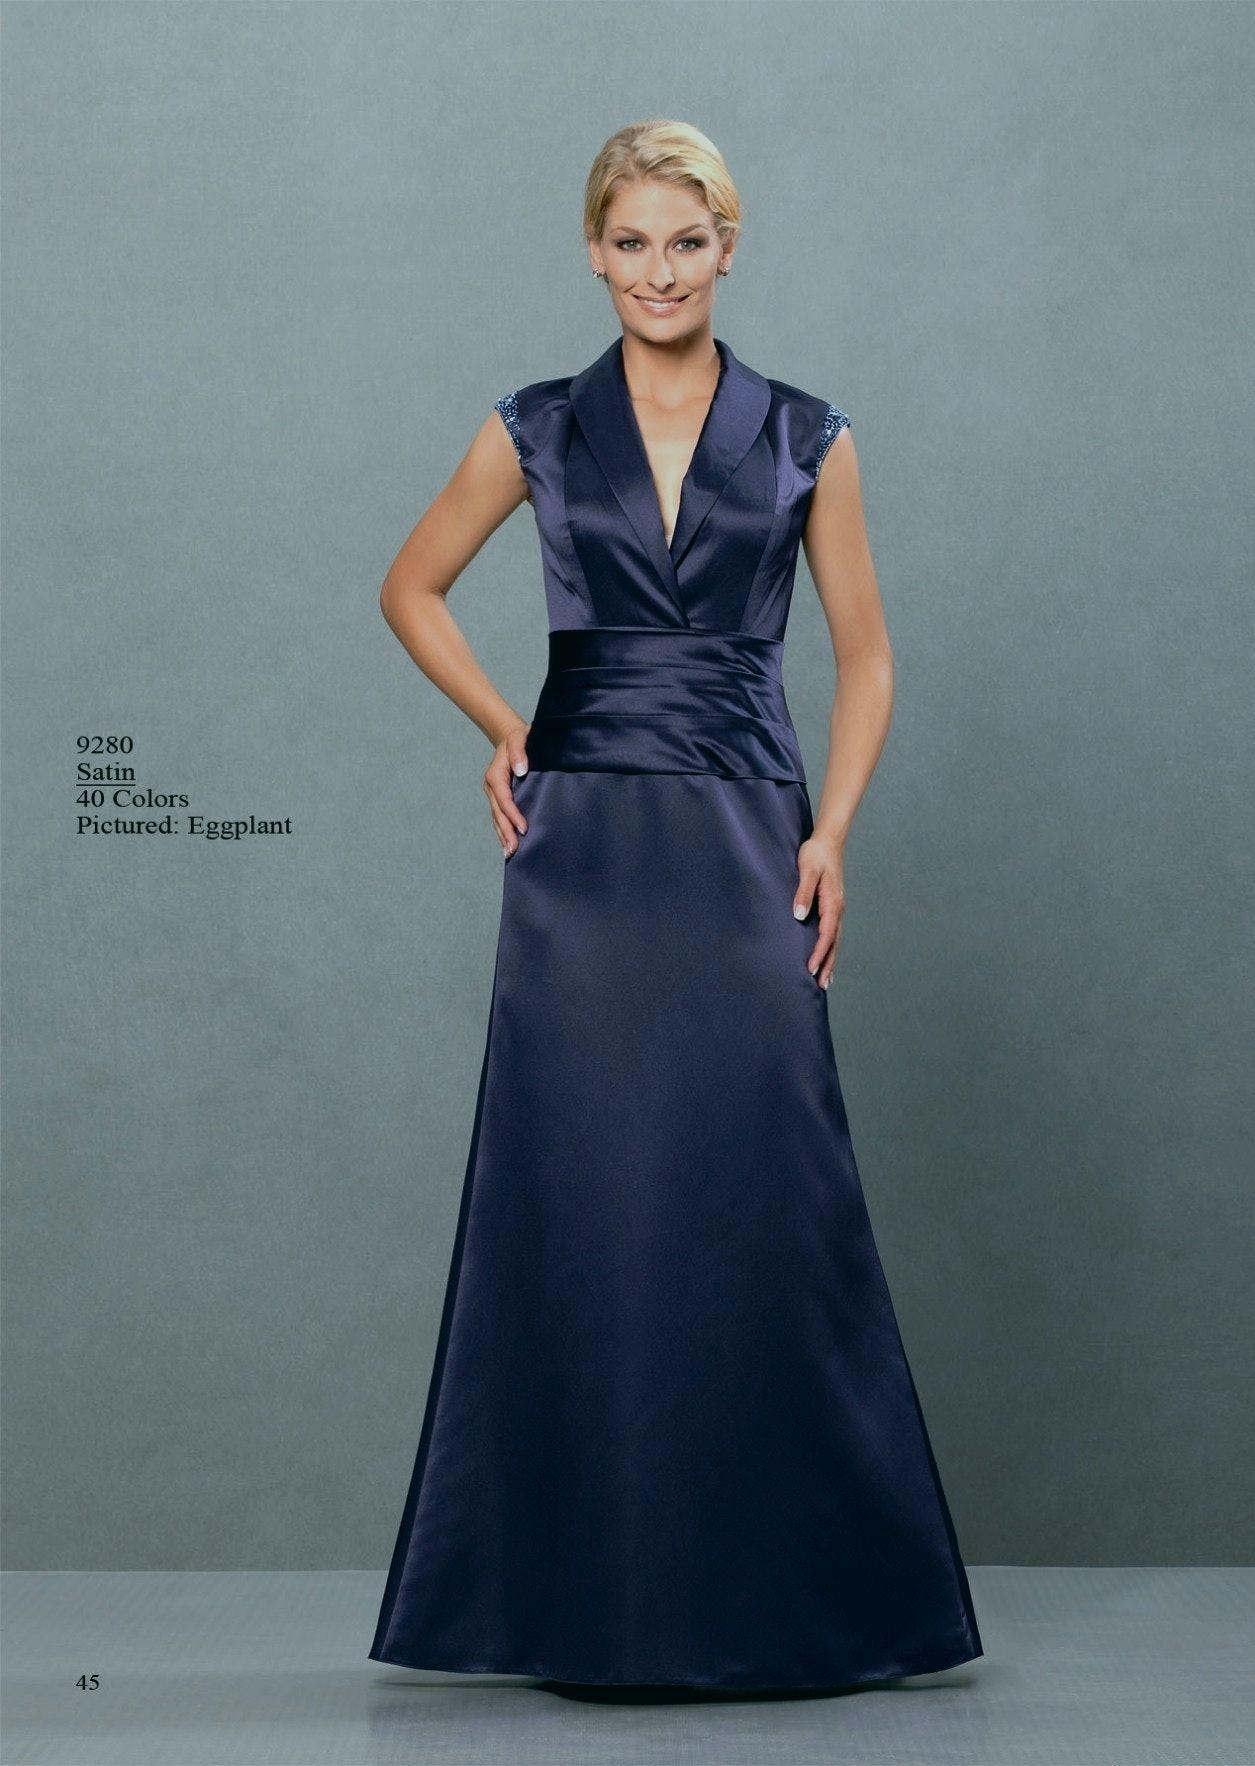 Formal Großartig Billige Kleider Für Hochzeit Ärmel Wunderbar Billige Kleider Für Hochzeit Bester Preis